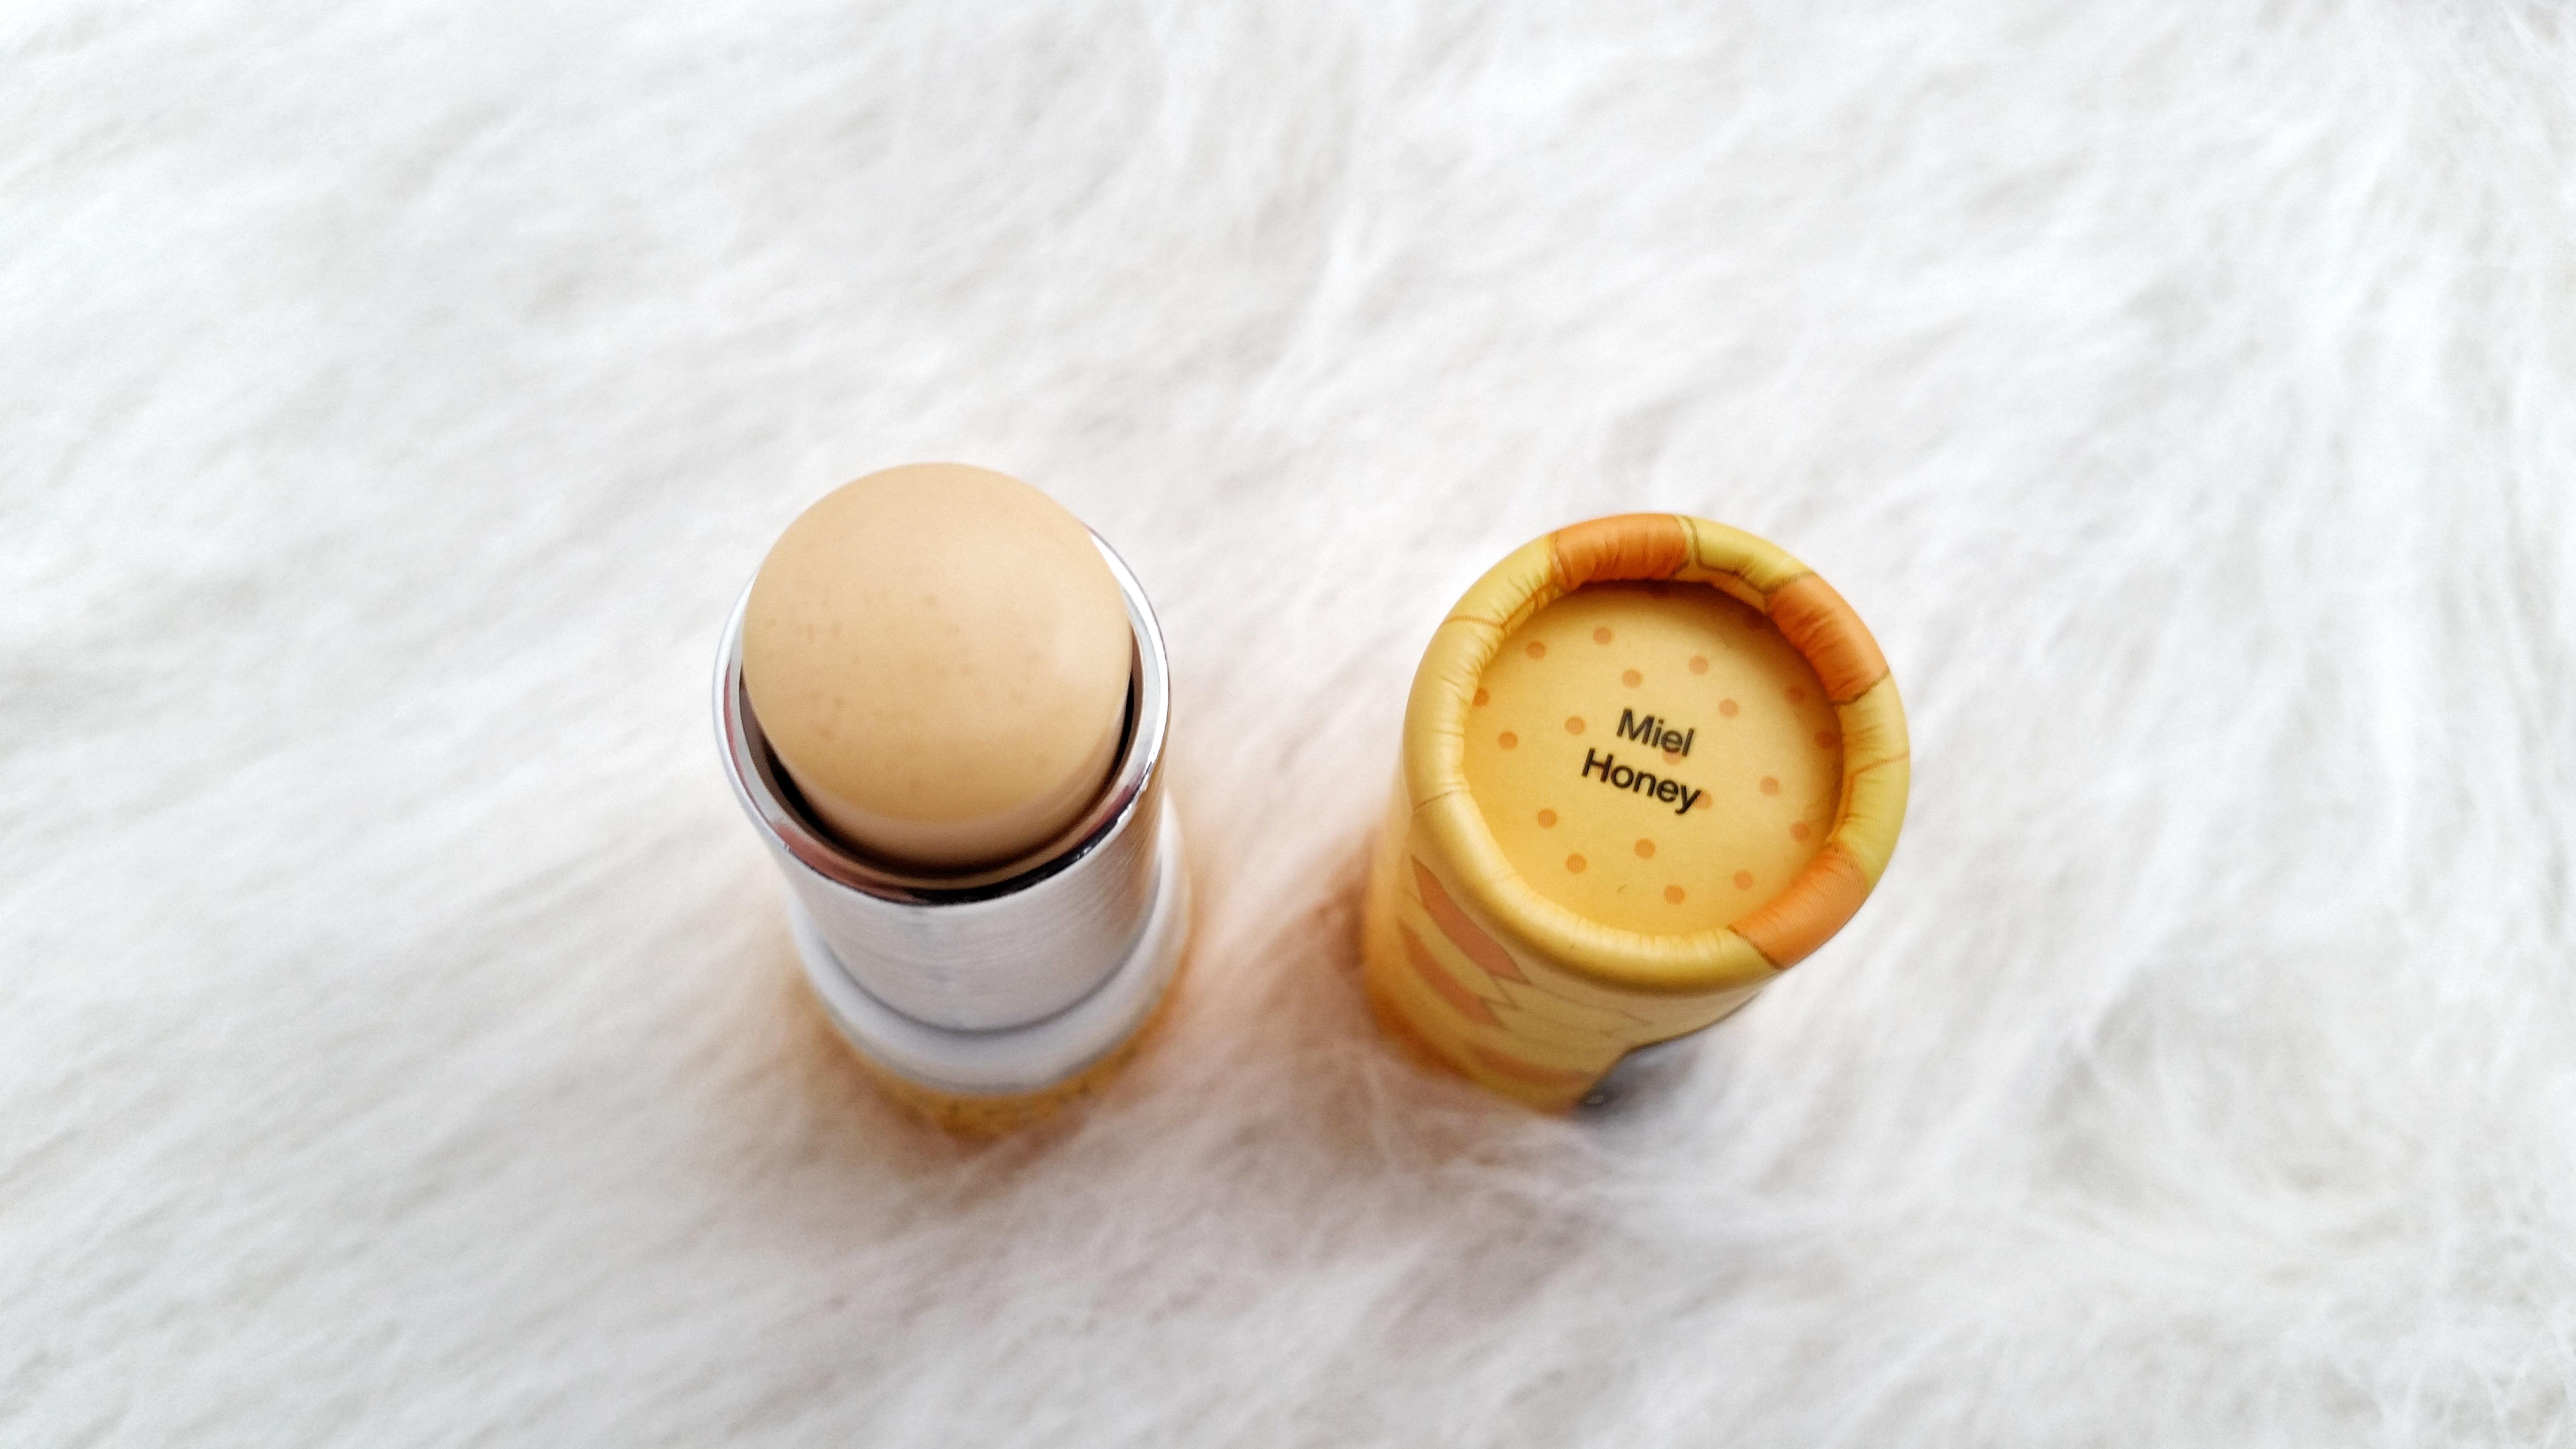 made-in-sephora-honey-lip-scrub-sephora-beautyandatwist-february-2017